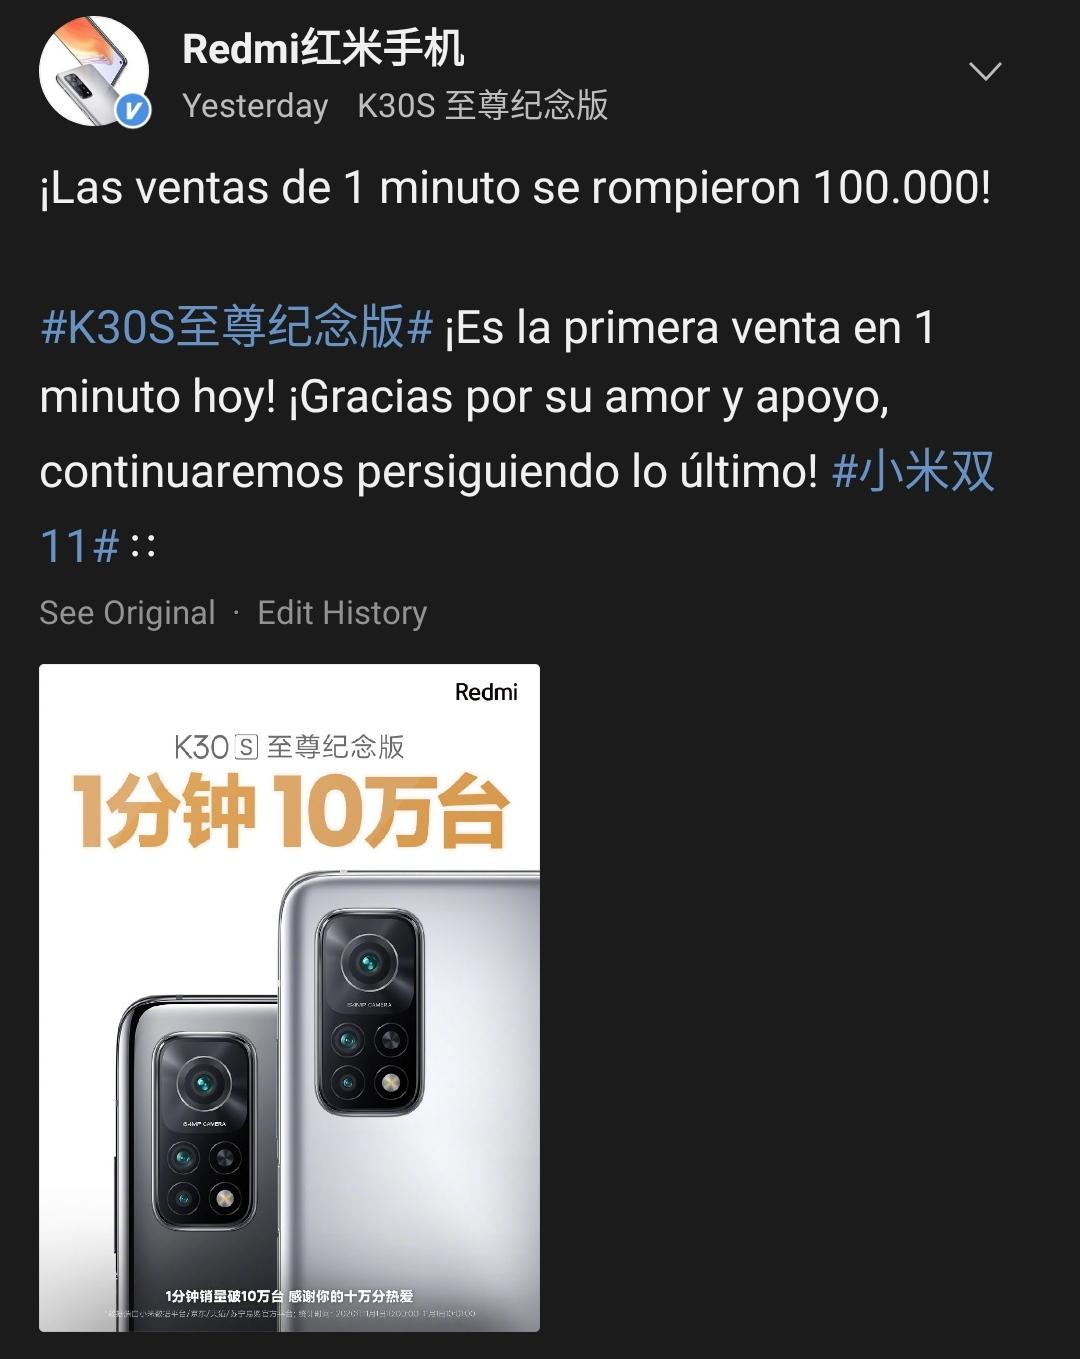 El Redmi K30S se vuelve un éxito con más de 100.000 unidades vendidas en un minuto. Noticias Xiaomi Adictos